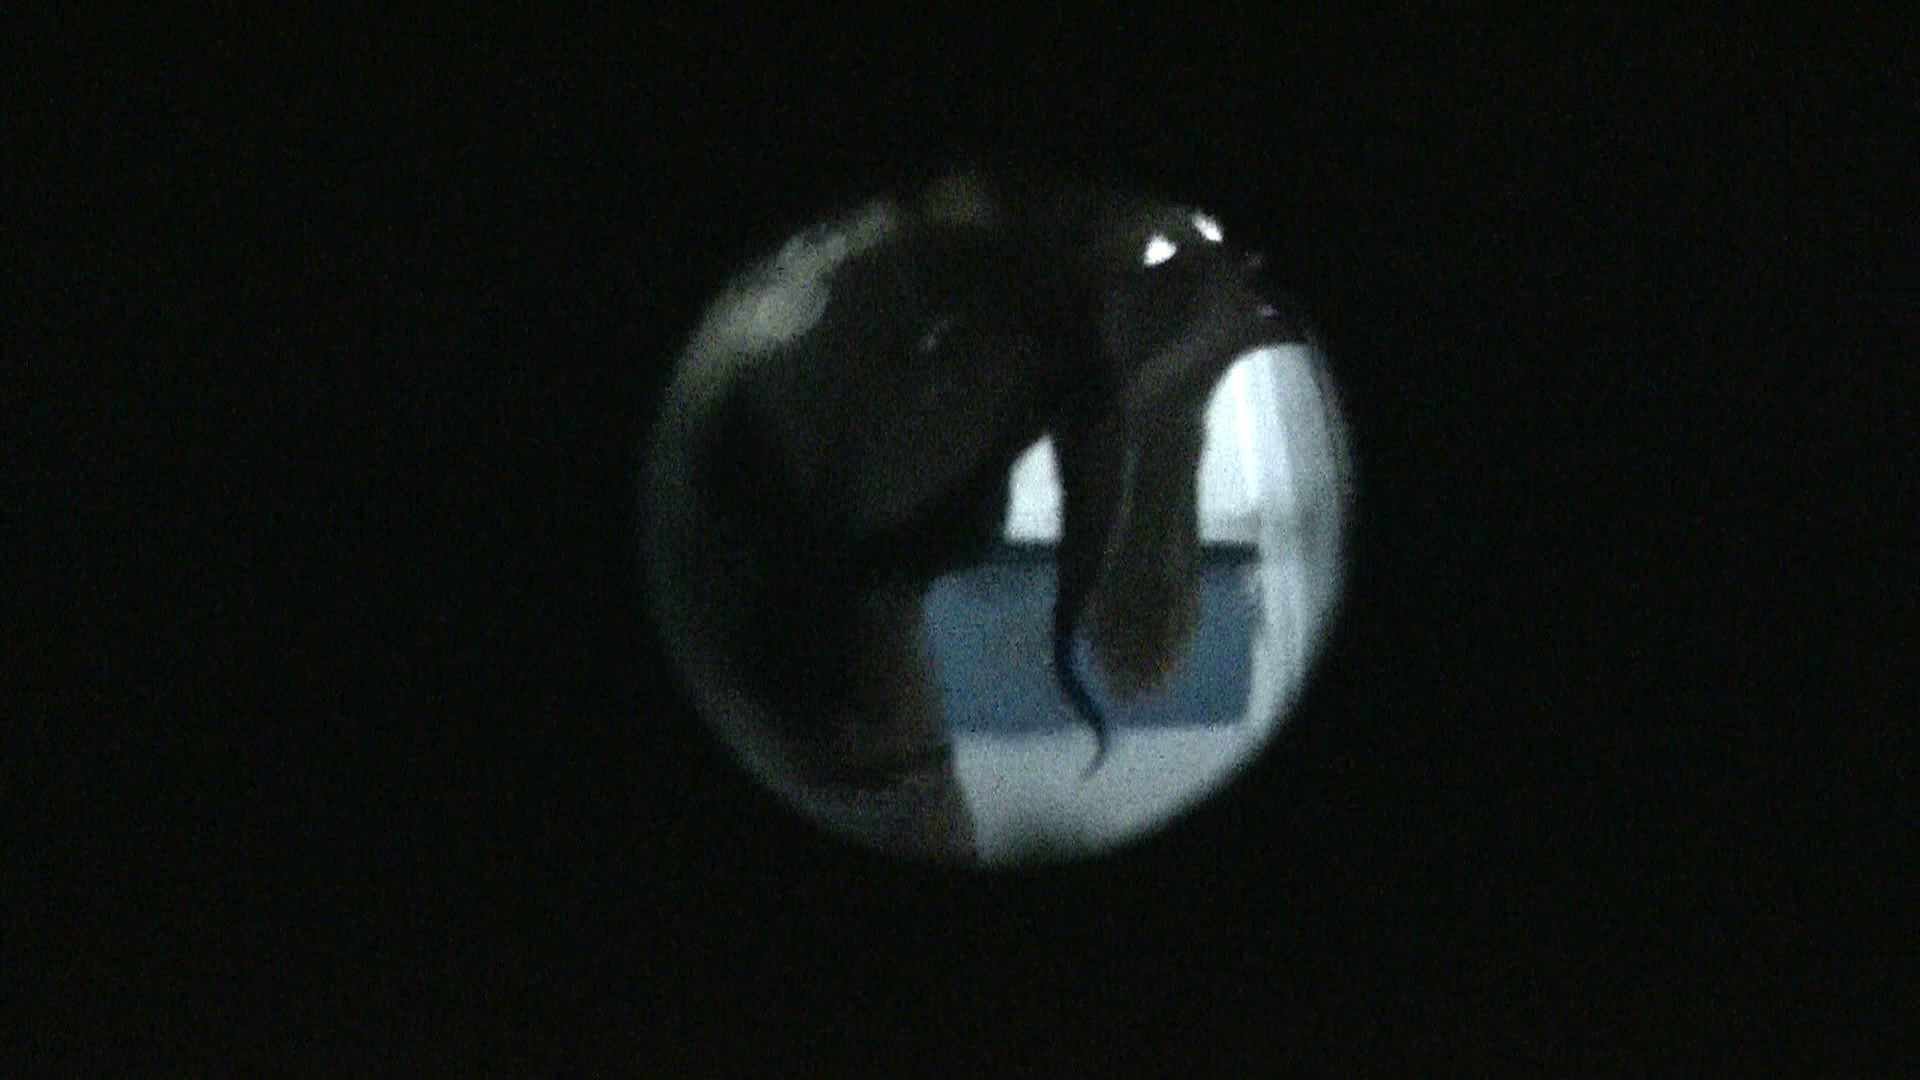 NO.13 暗いですが豪快な砂落としが好印象 シャワー室  89pic 71